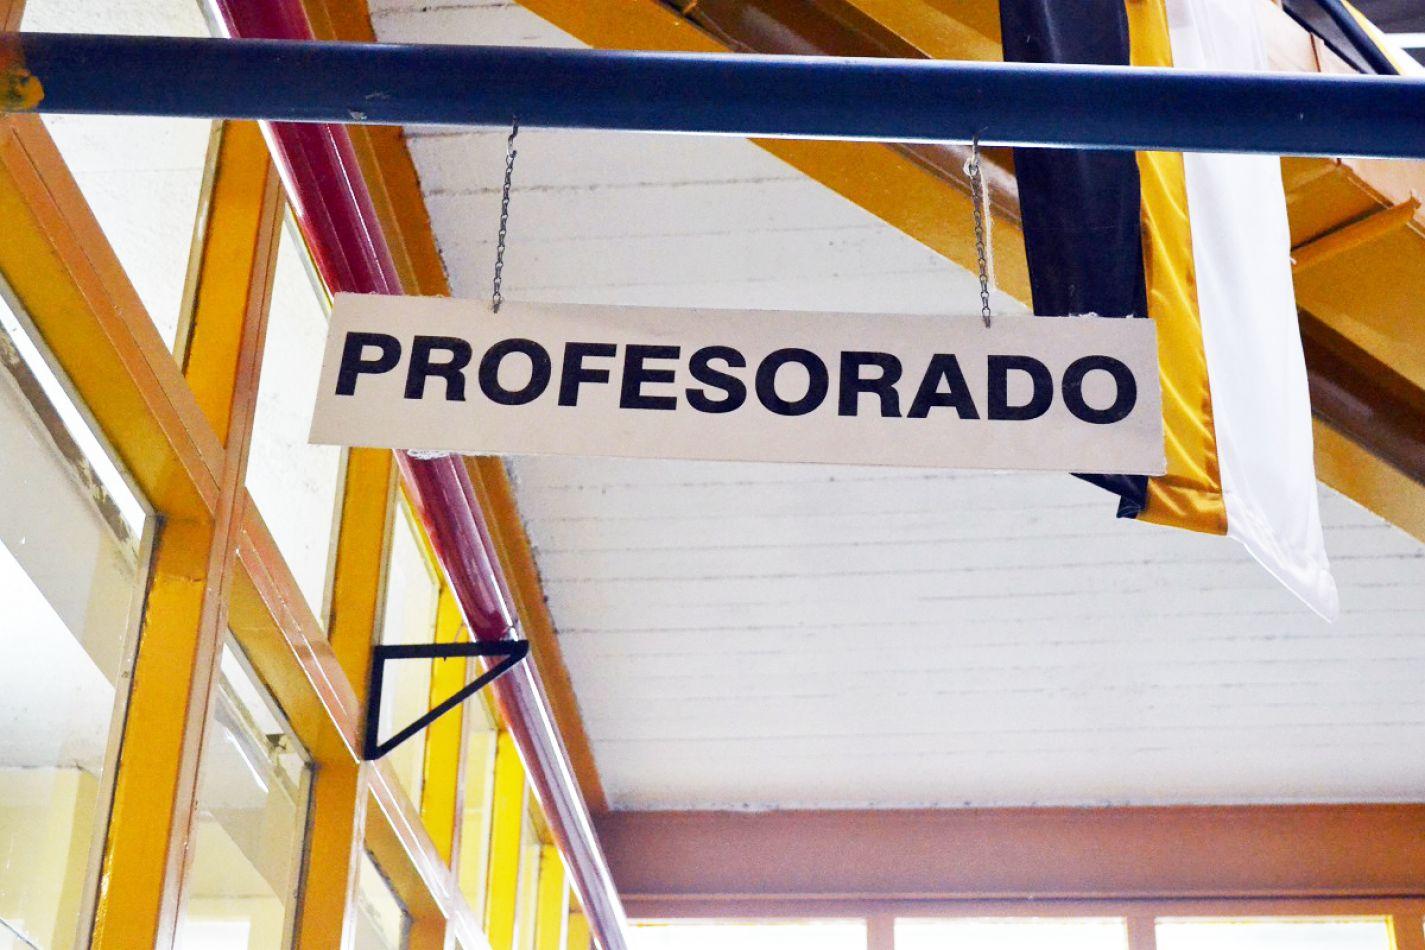 volvió la presencialidad plena al Instituto Superior del profesorado de Río Grande.